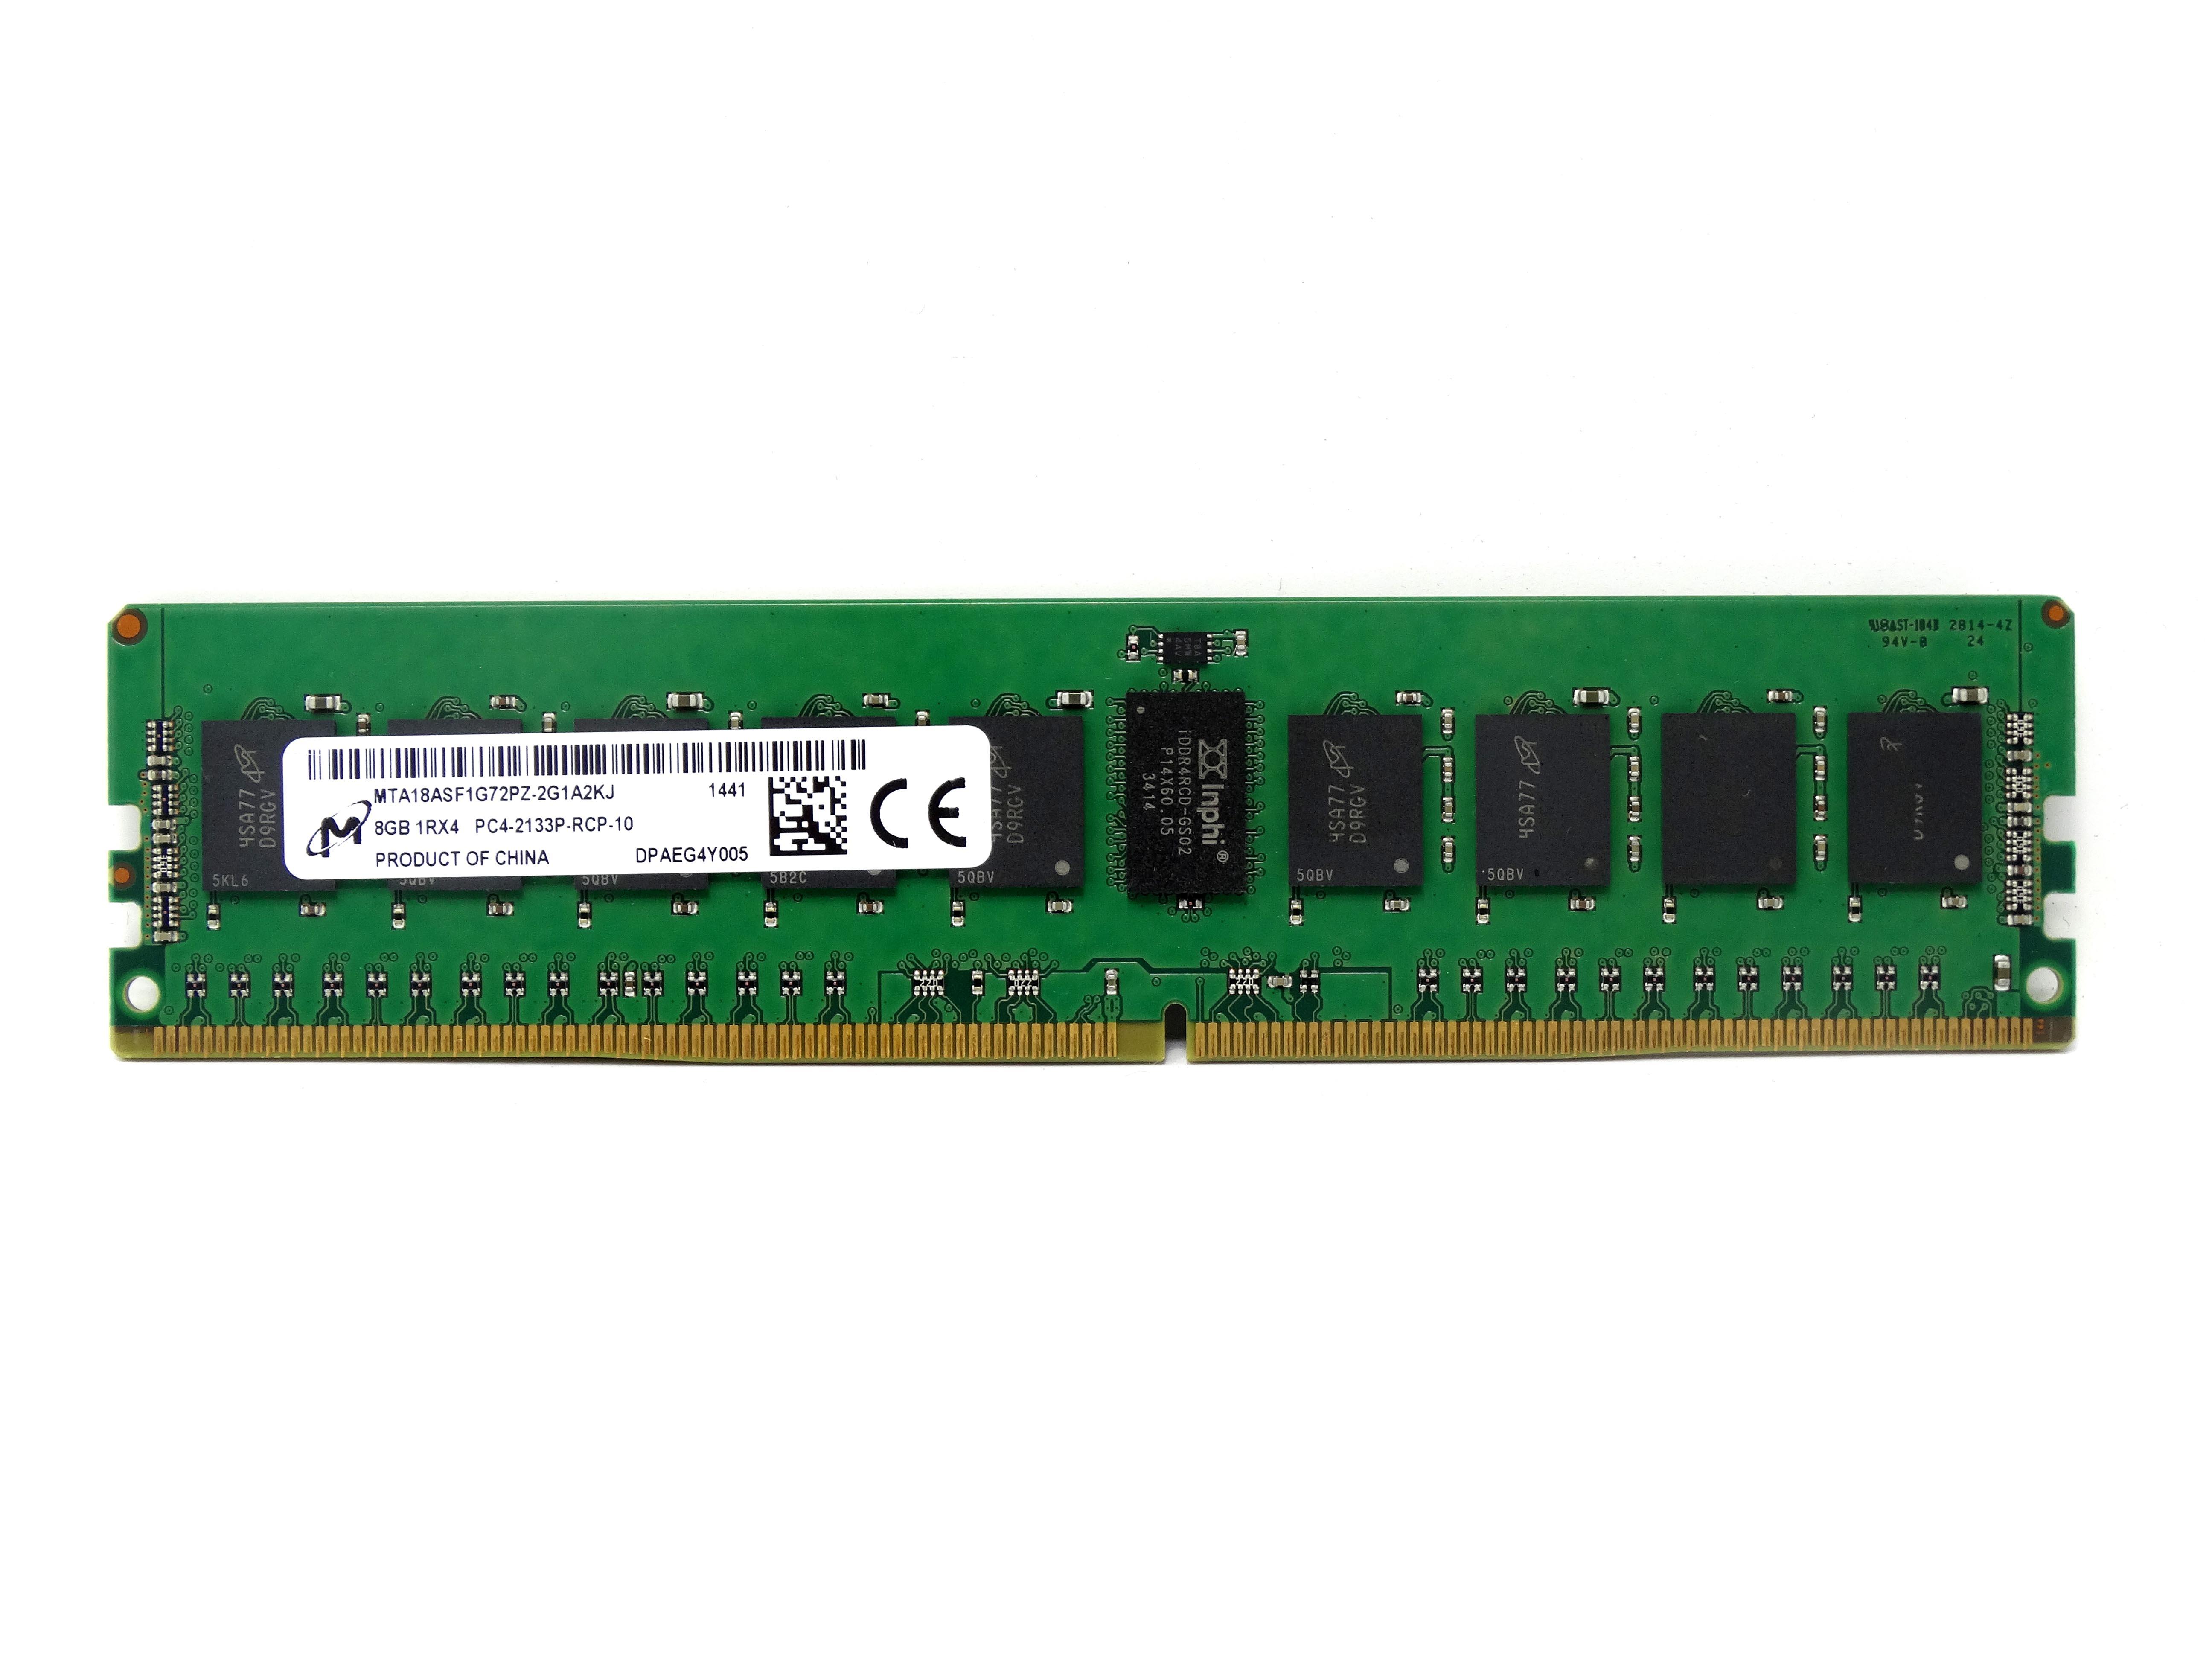 Micron 8GB 1Rx4 PC4-2133P DDR4-17000-R ECC REG RAM Memory (MTA18ASF1G72PZ-2G1A2)